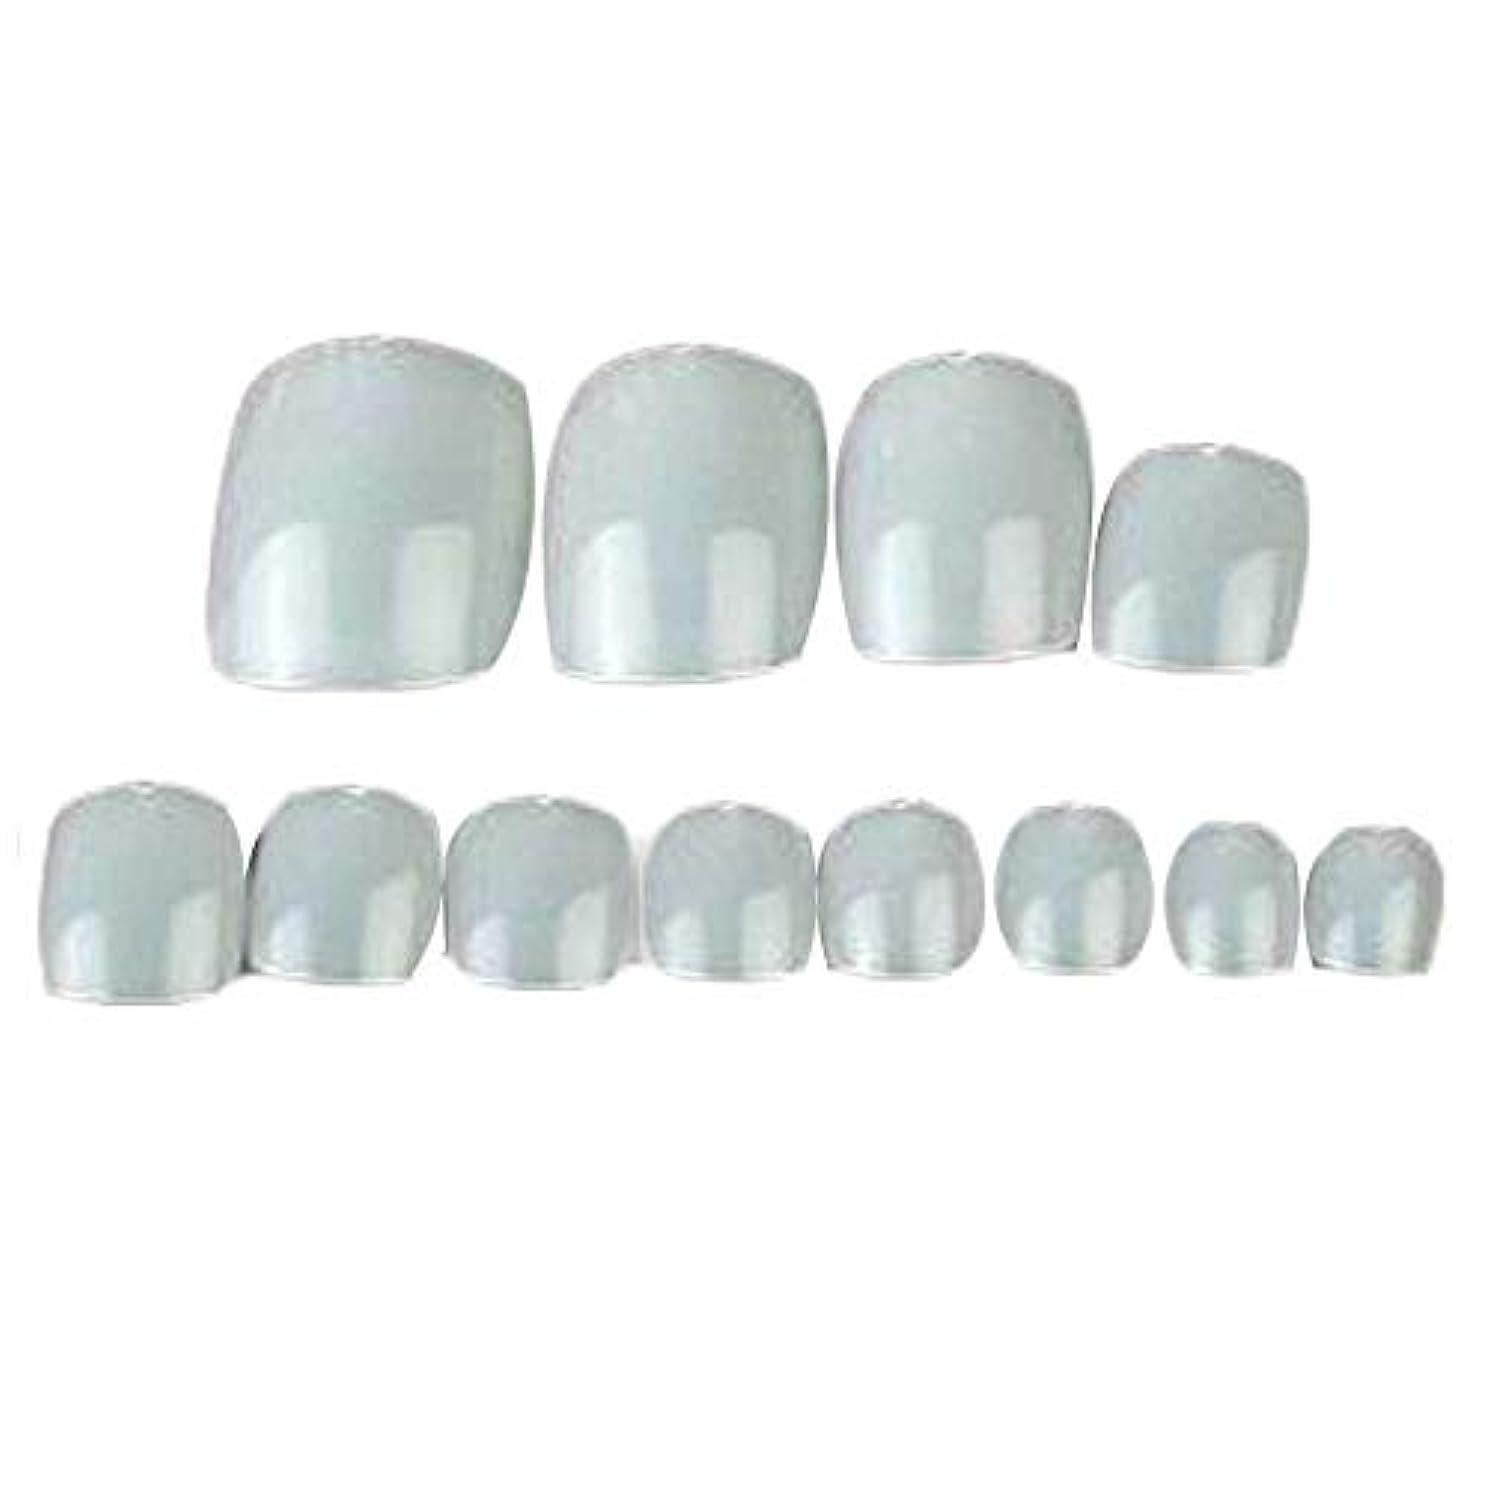 極貧侮辱掃除500個のナチュラルカラー人工爪のヒントフルカバー偽爪